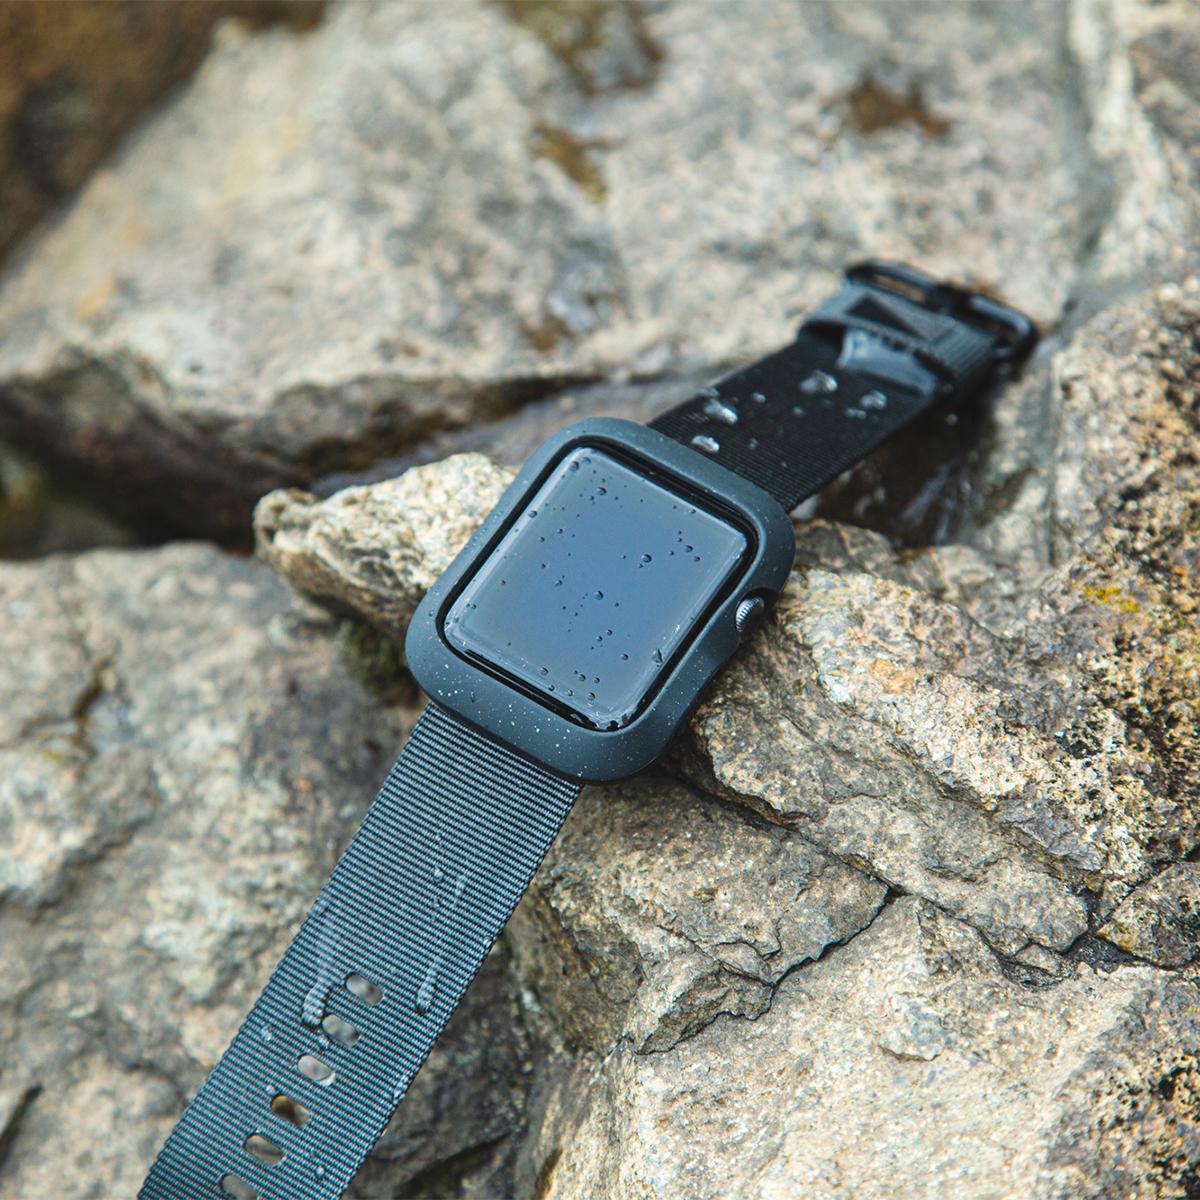 雨や雪などの悪天候時でもガシガシ使えて、汚れても丸ごと洗える。落下・衝撃・水濡れに強い、タフケース一体型Apple Watchバンド|LANDER Moab case+Band